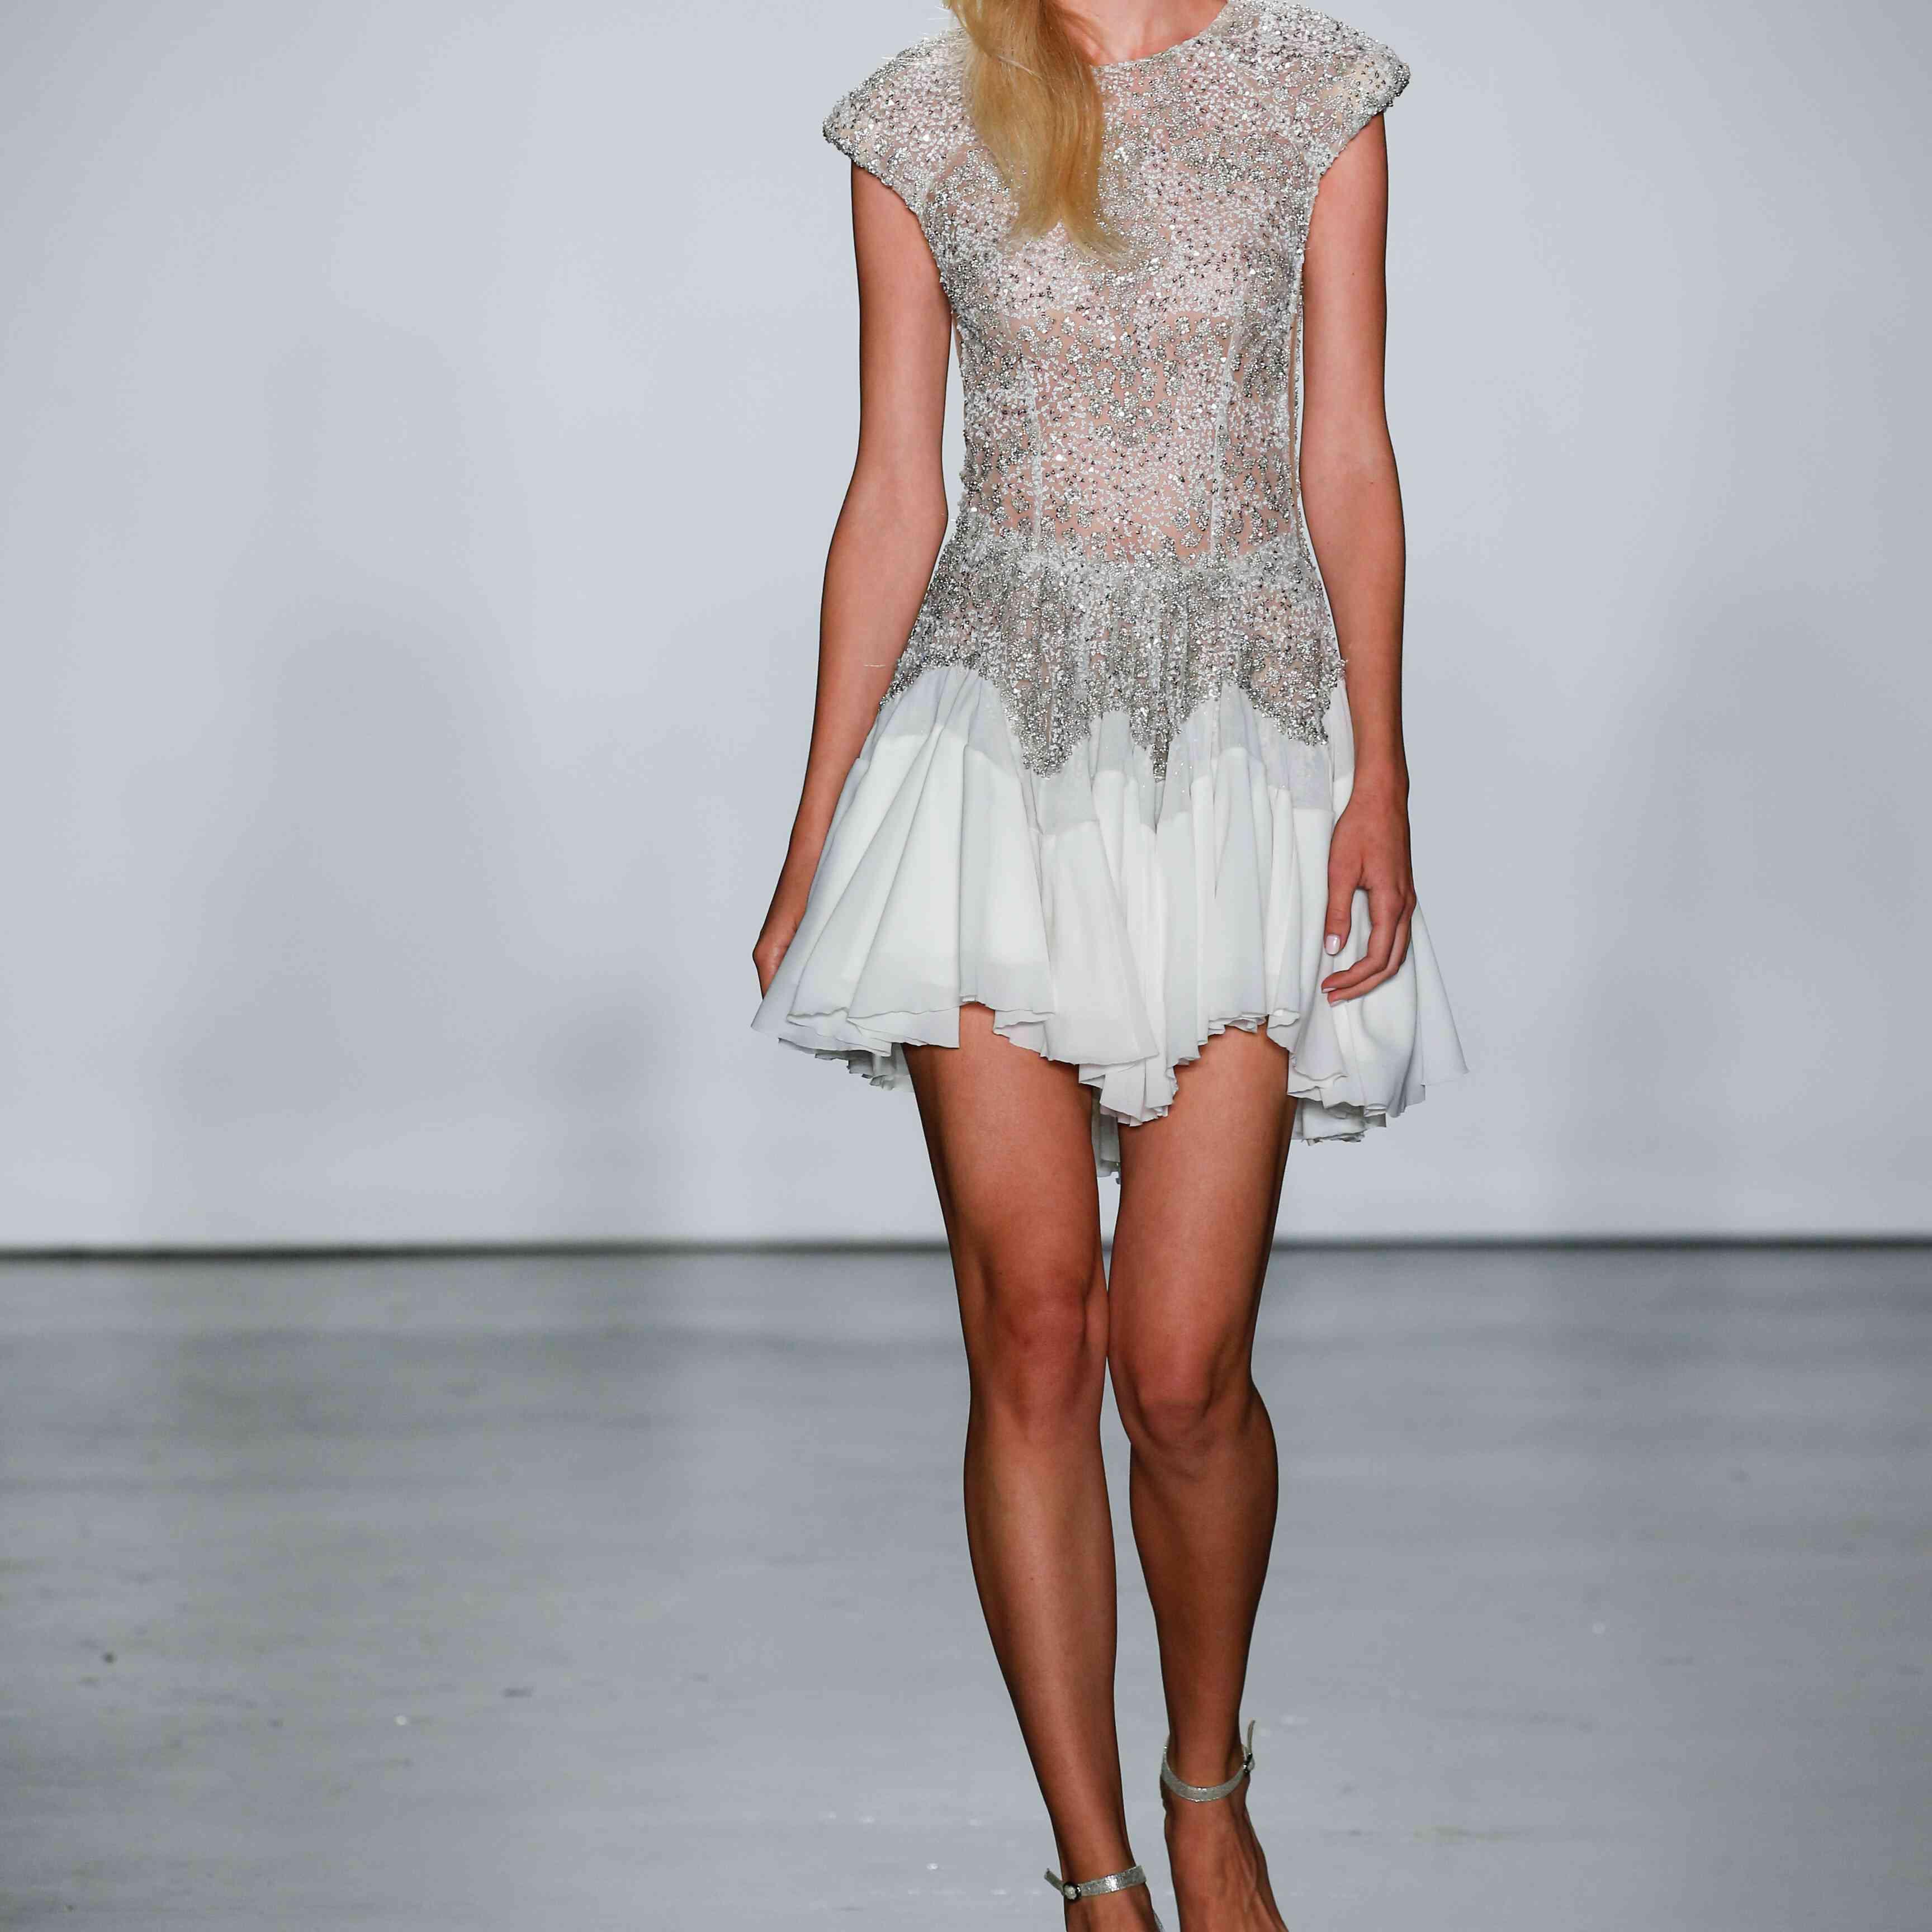 Model in low back mini wedding dress